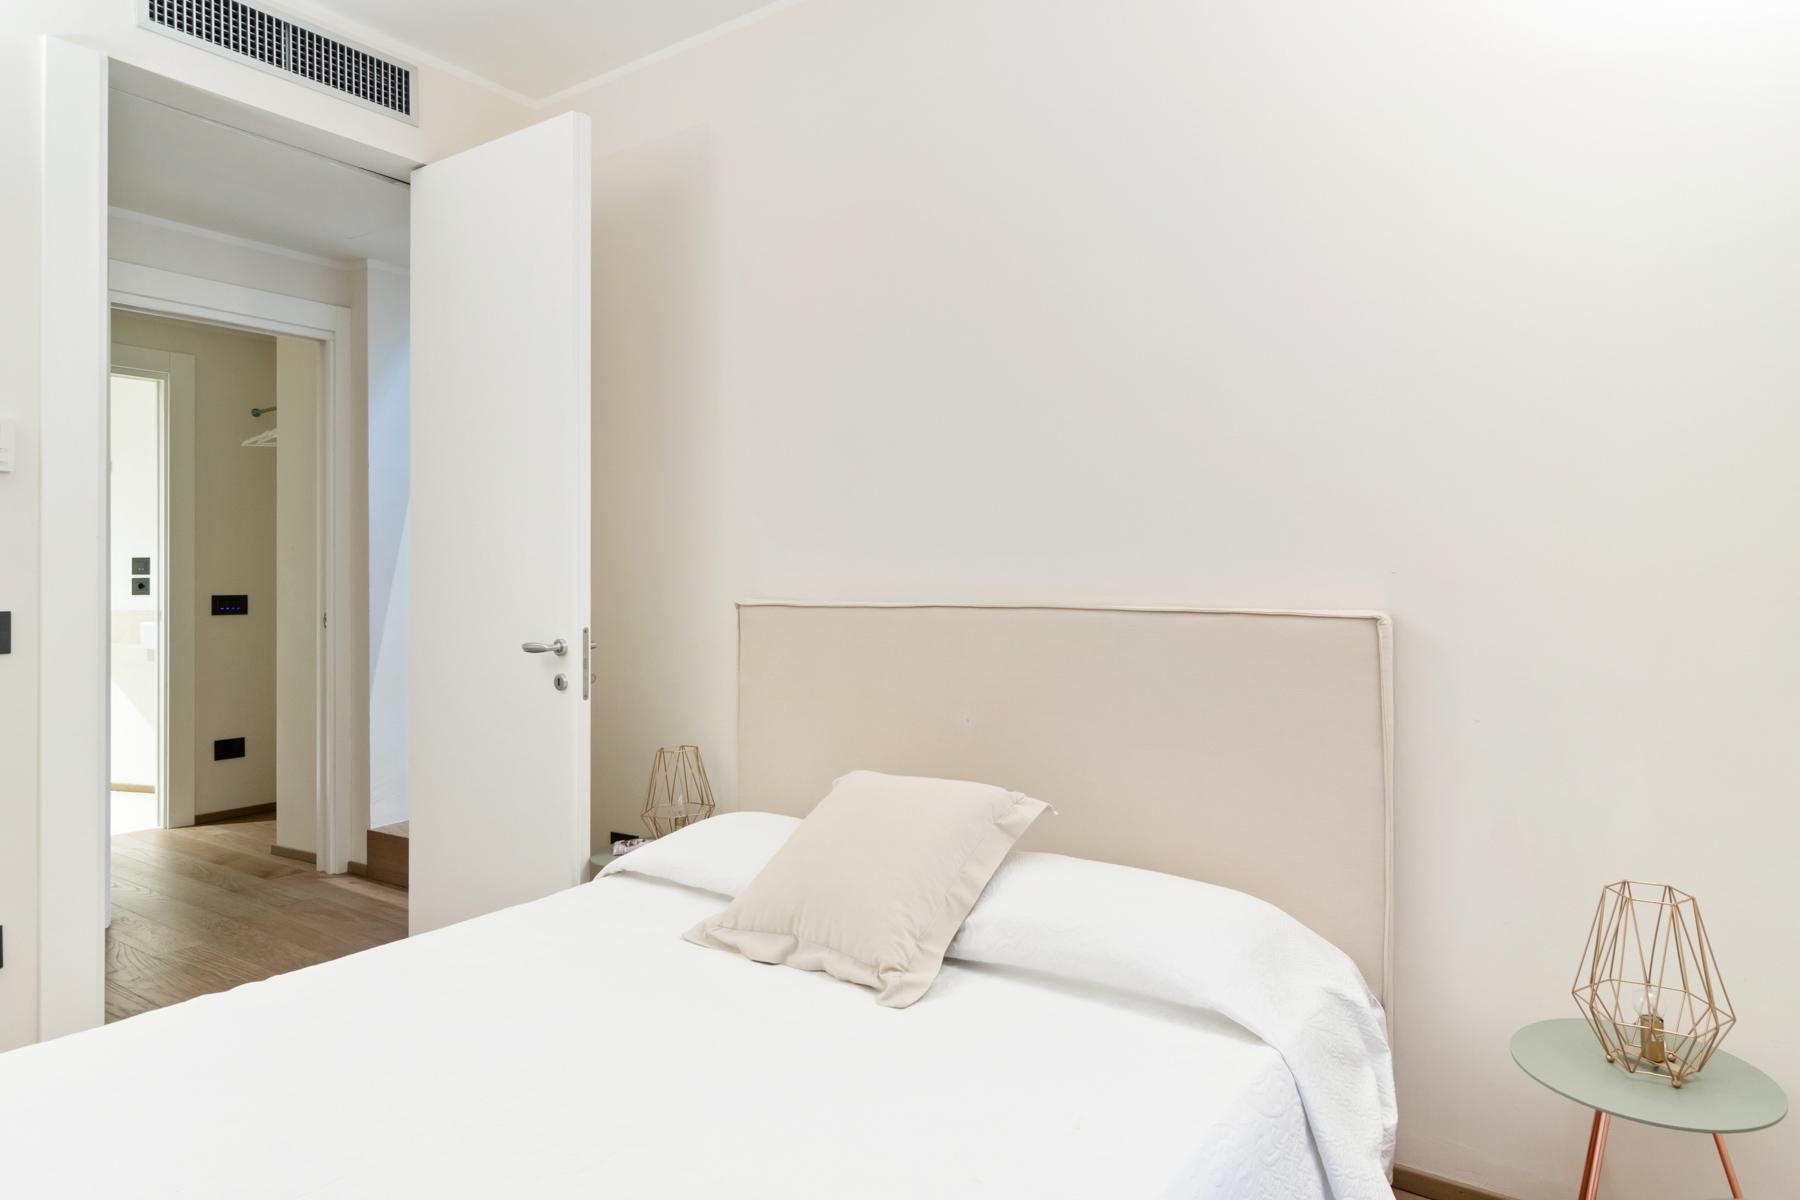 Appartamento in Vendita a Santa Margherita Ligure: 4 locali, 124 mq - Foto 15